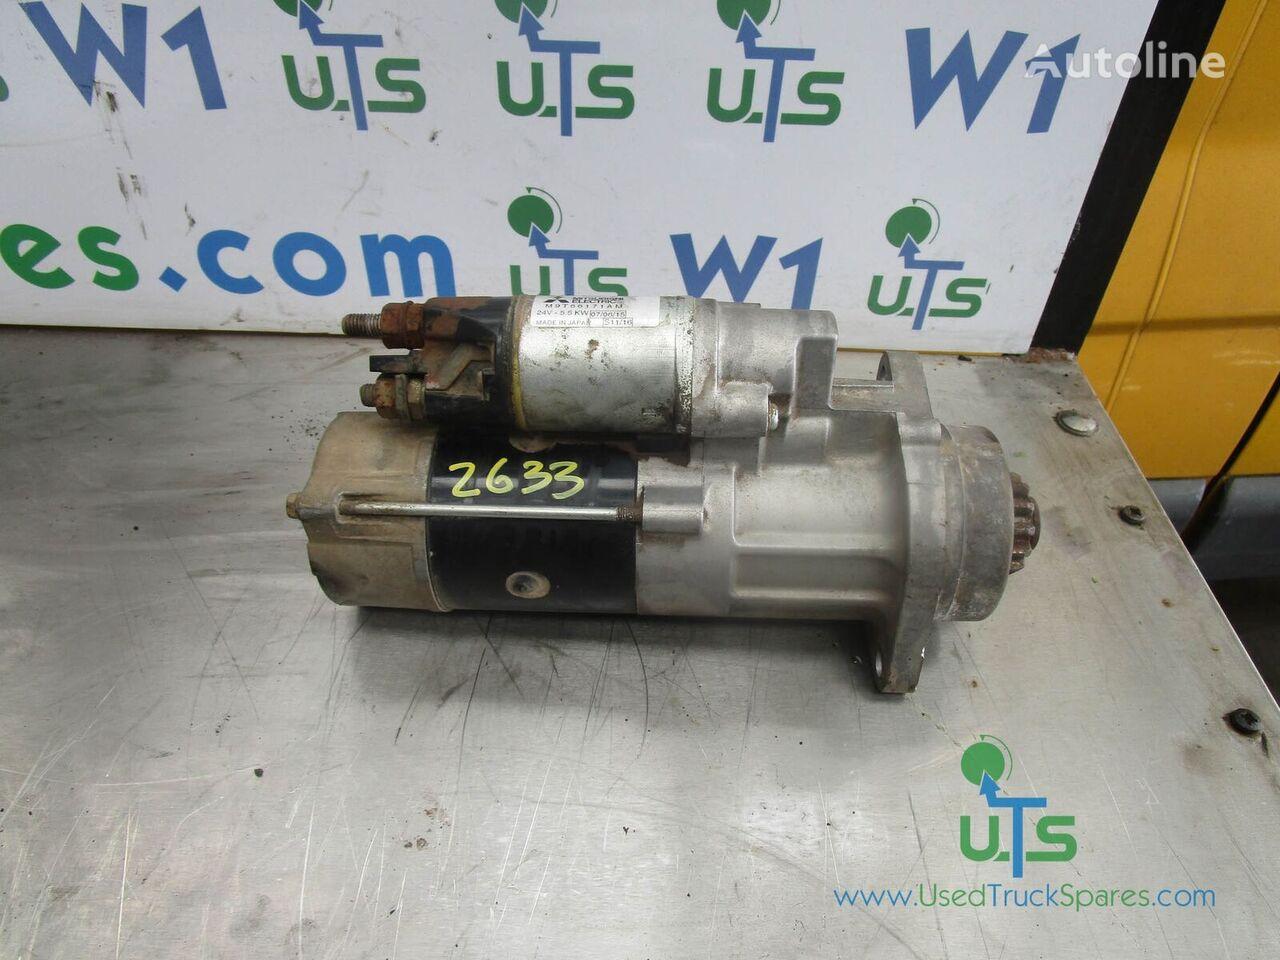 MERCEDES-BENZ (OM926) (M9T66171AM) arrancador para MERCEDES-BENZ AXOR 2633 camión